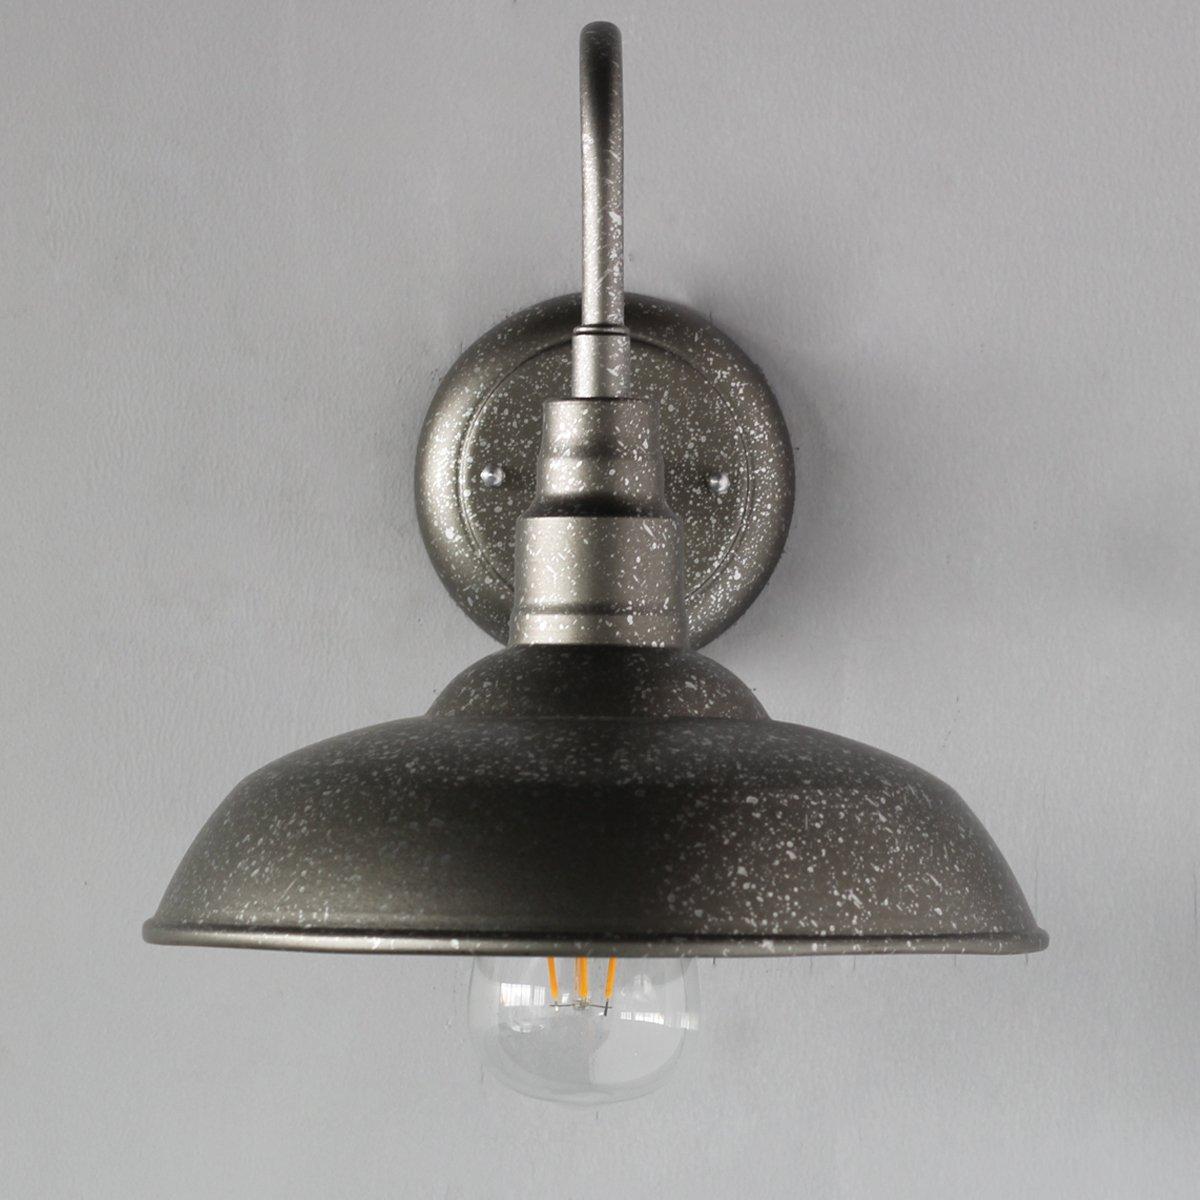 CUICAN Applique murale industrielle,Lampe col de cygne grange /éclairage ferme vintage-rouge D26*H25cm